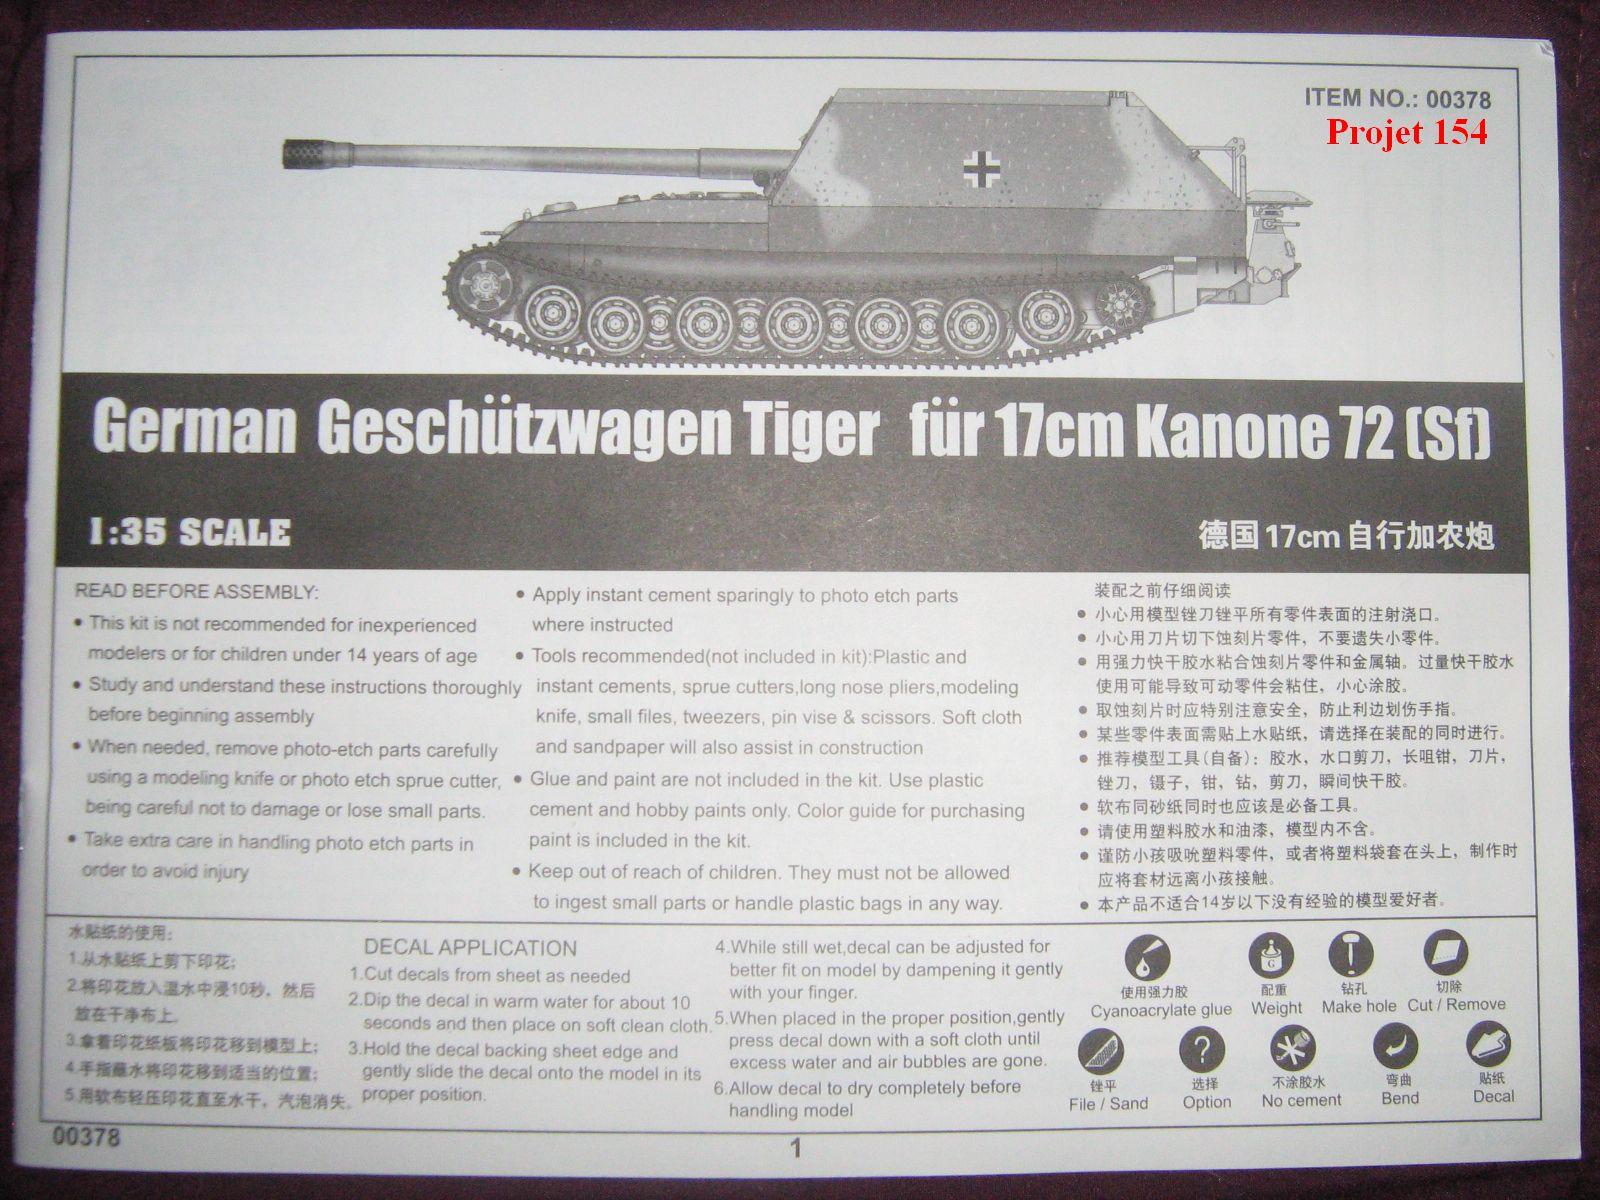 [Trumpeter]Geschützwagen Tiger für 17cm Kanone 72 (Sf)[1:35] 1109201014181175498772501